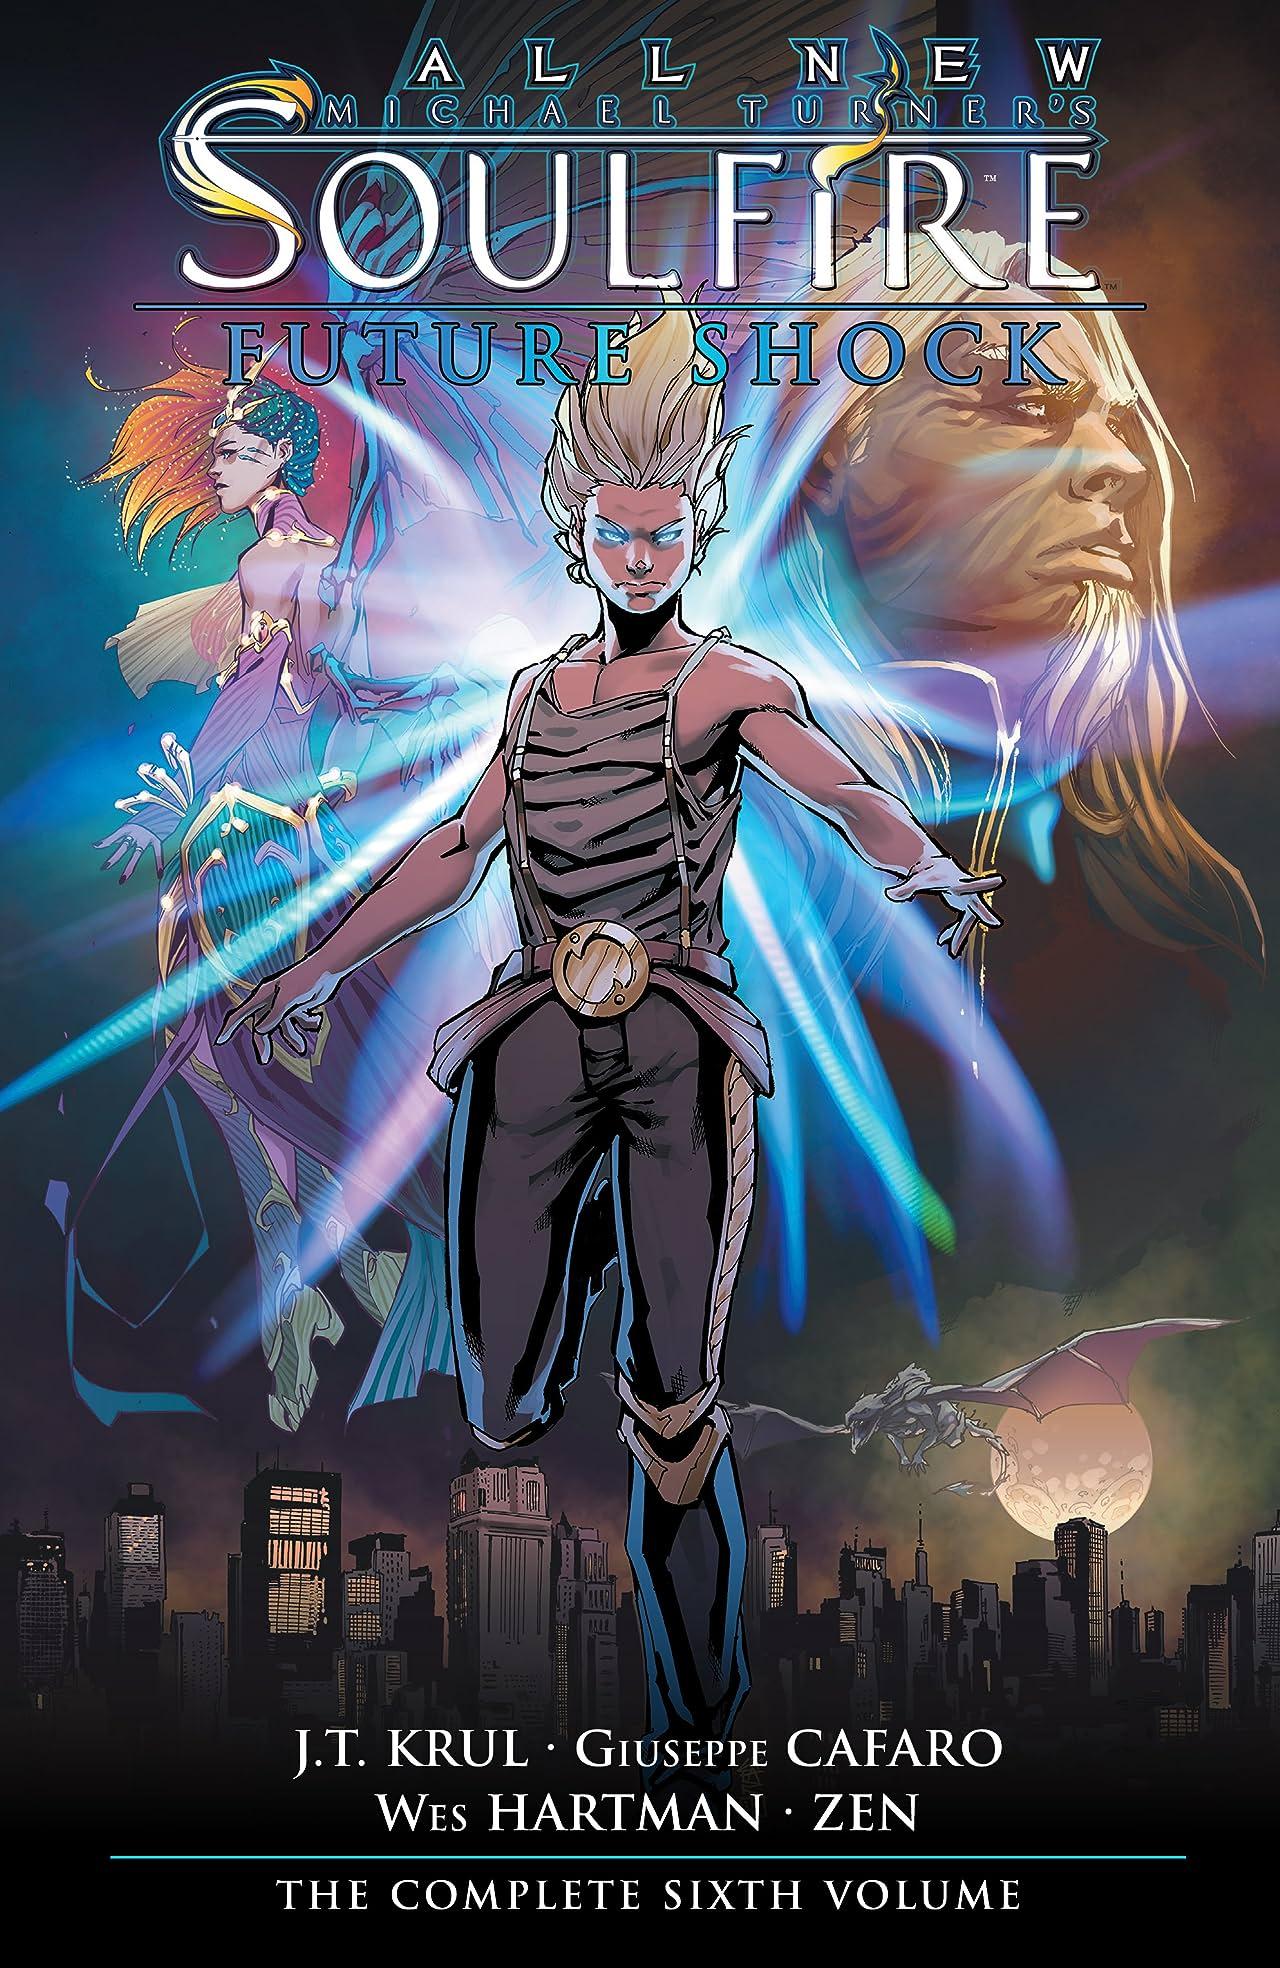 Soulfire Vol. 6: Future Shock